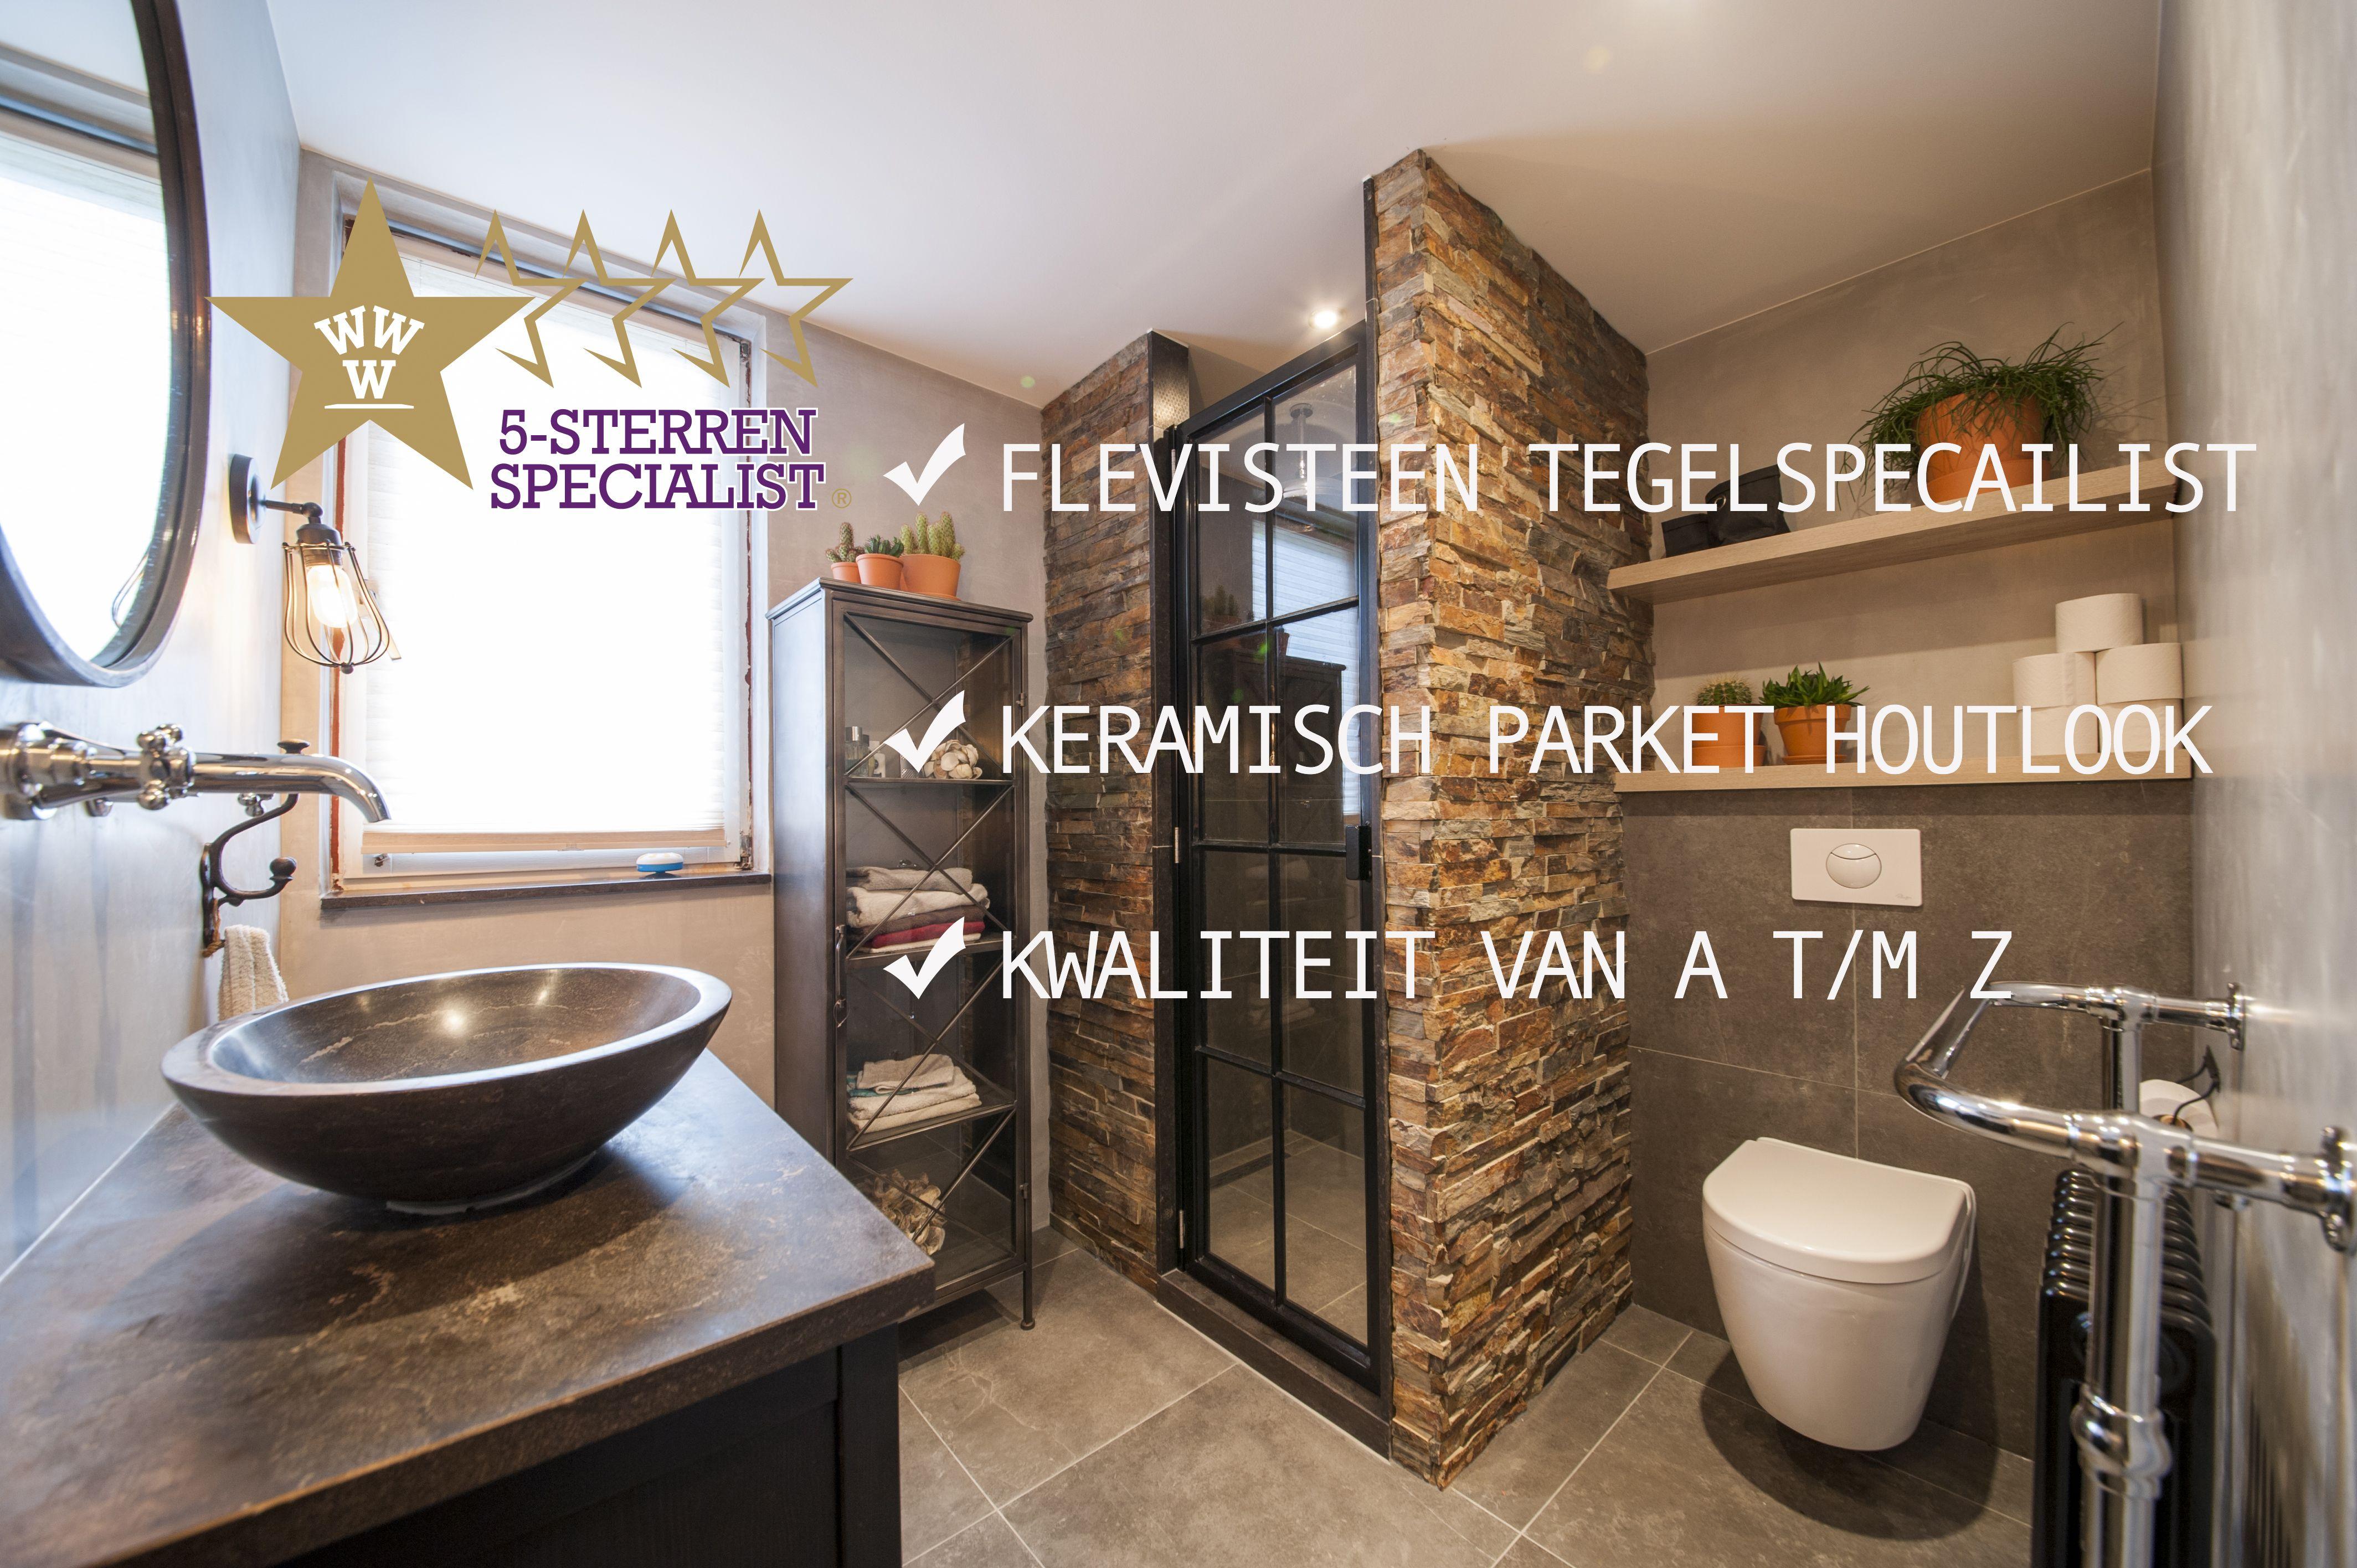 Badkamer tegels in houtlook tegels, keramisch parket. All-in prijzen ...